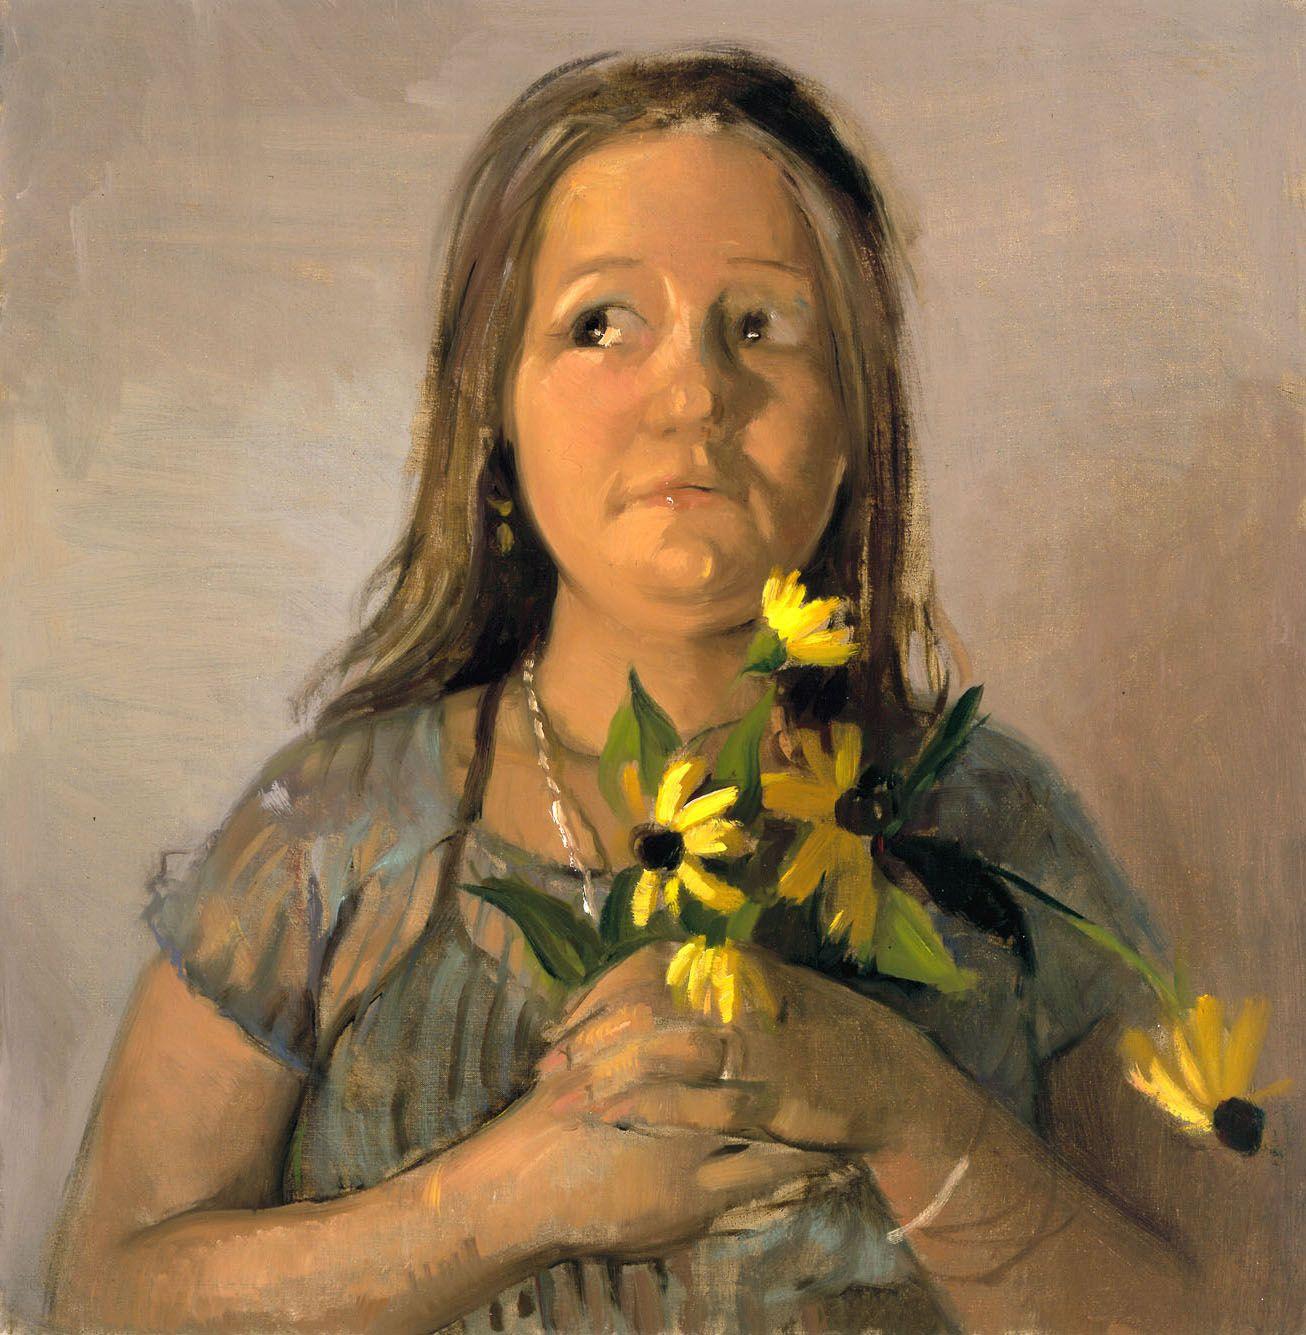 Babie I, 2003, Oil on linen